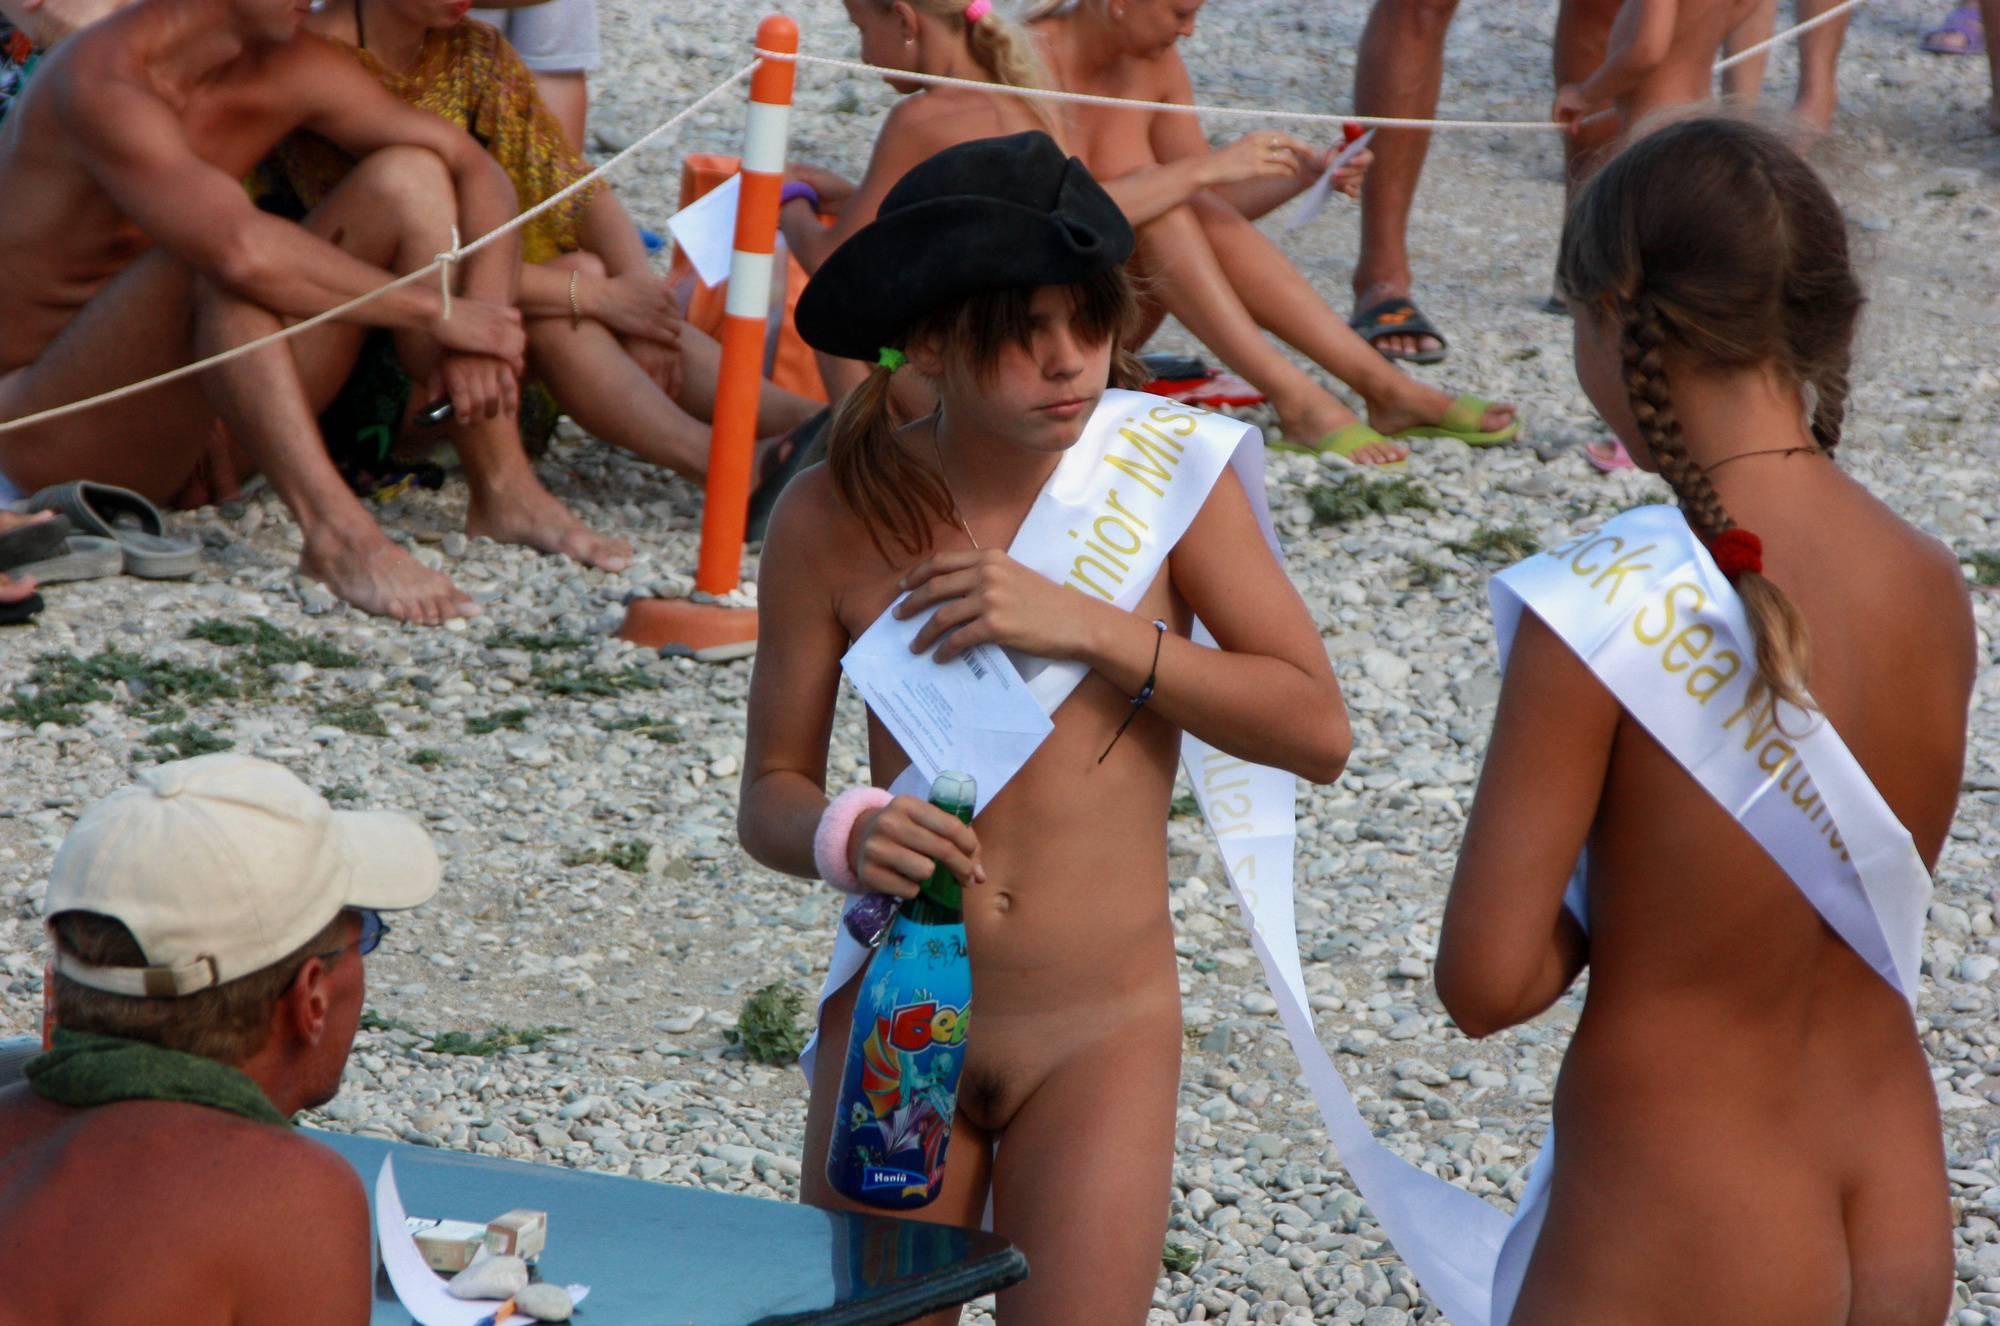 Black Sea Nudist Winners - 1